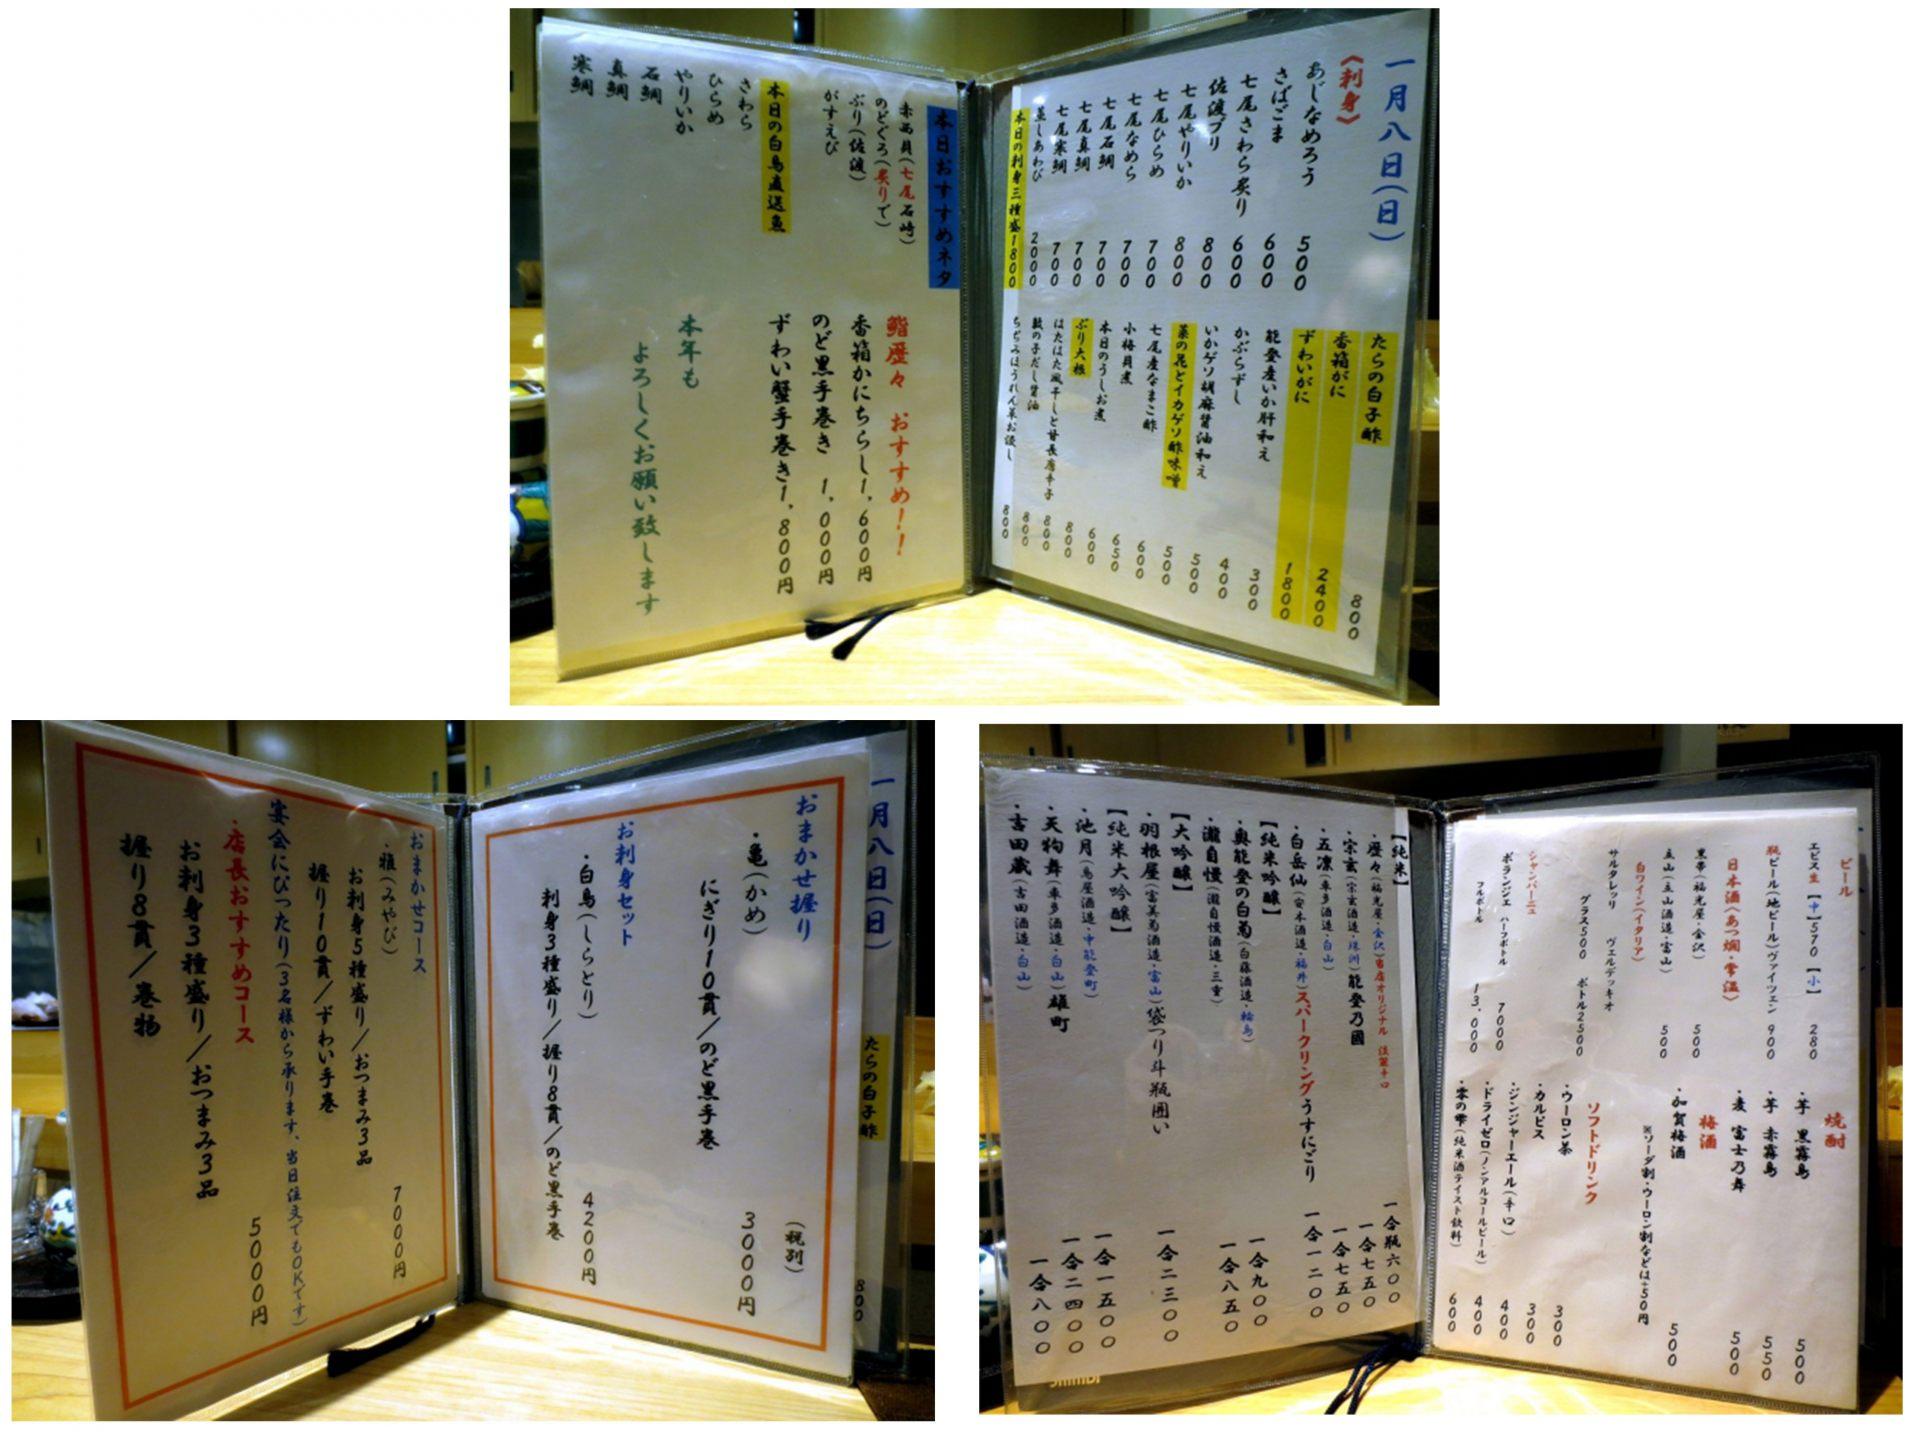 有推荐当天料理的菜单